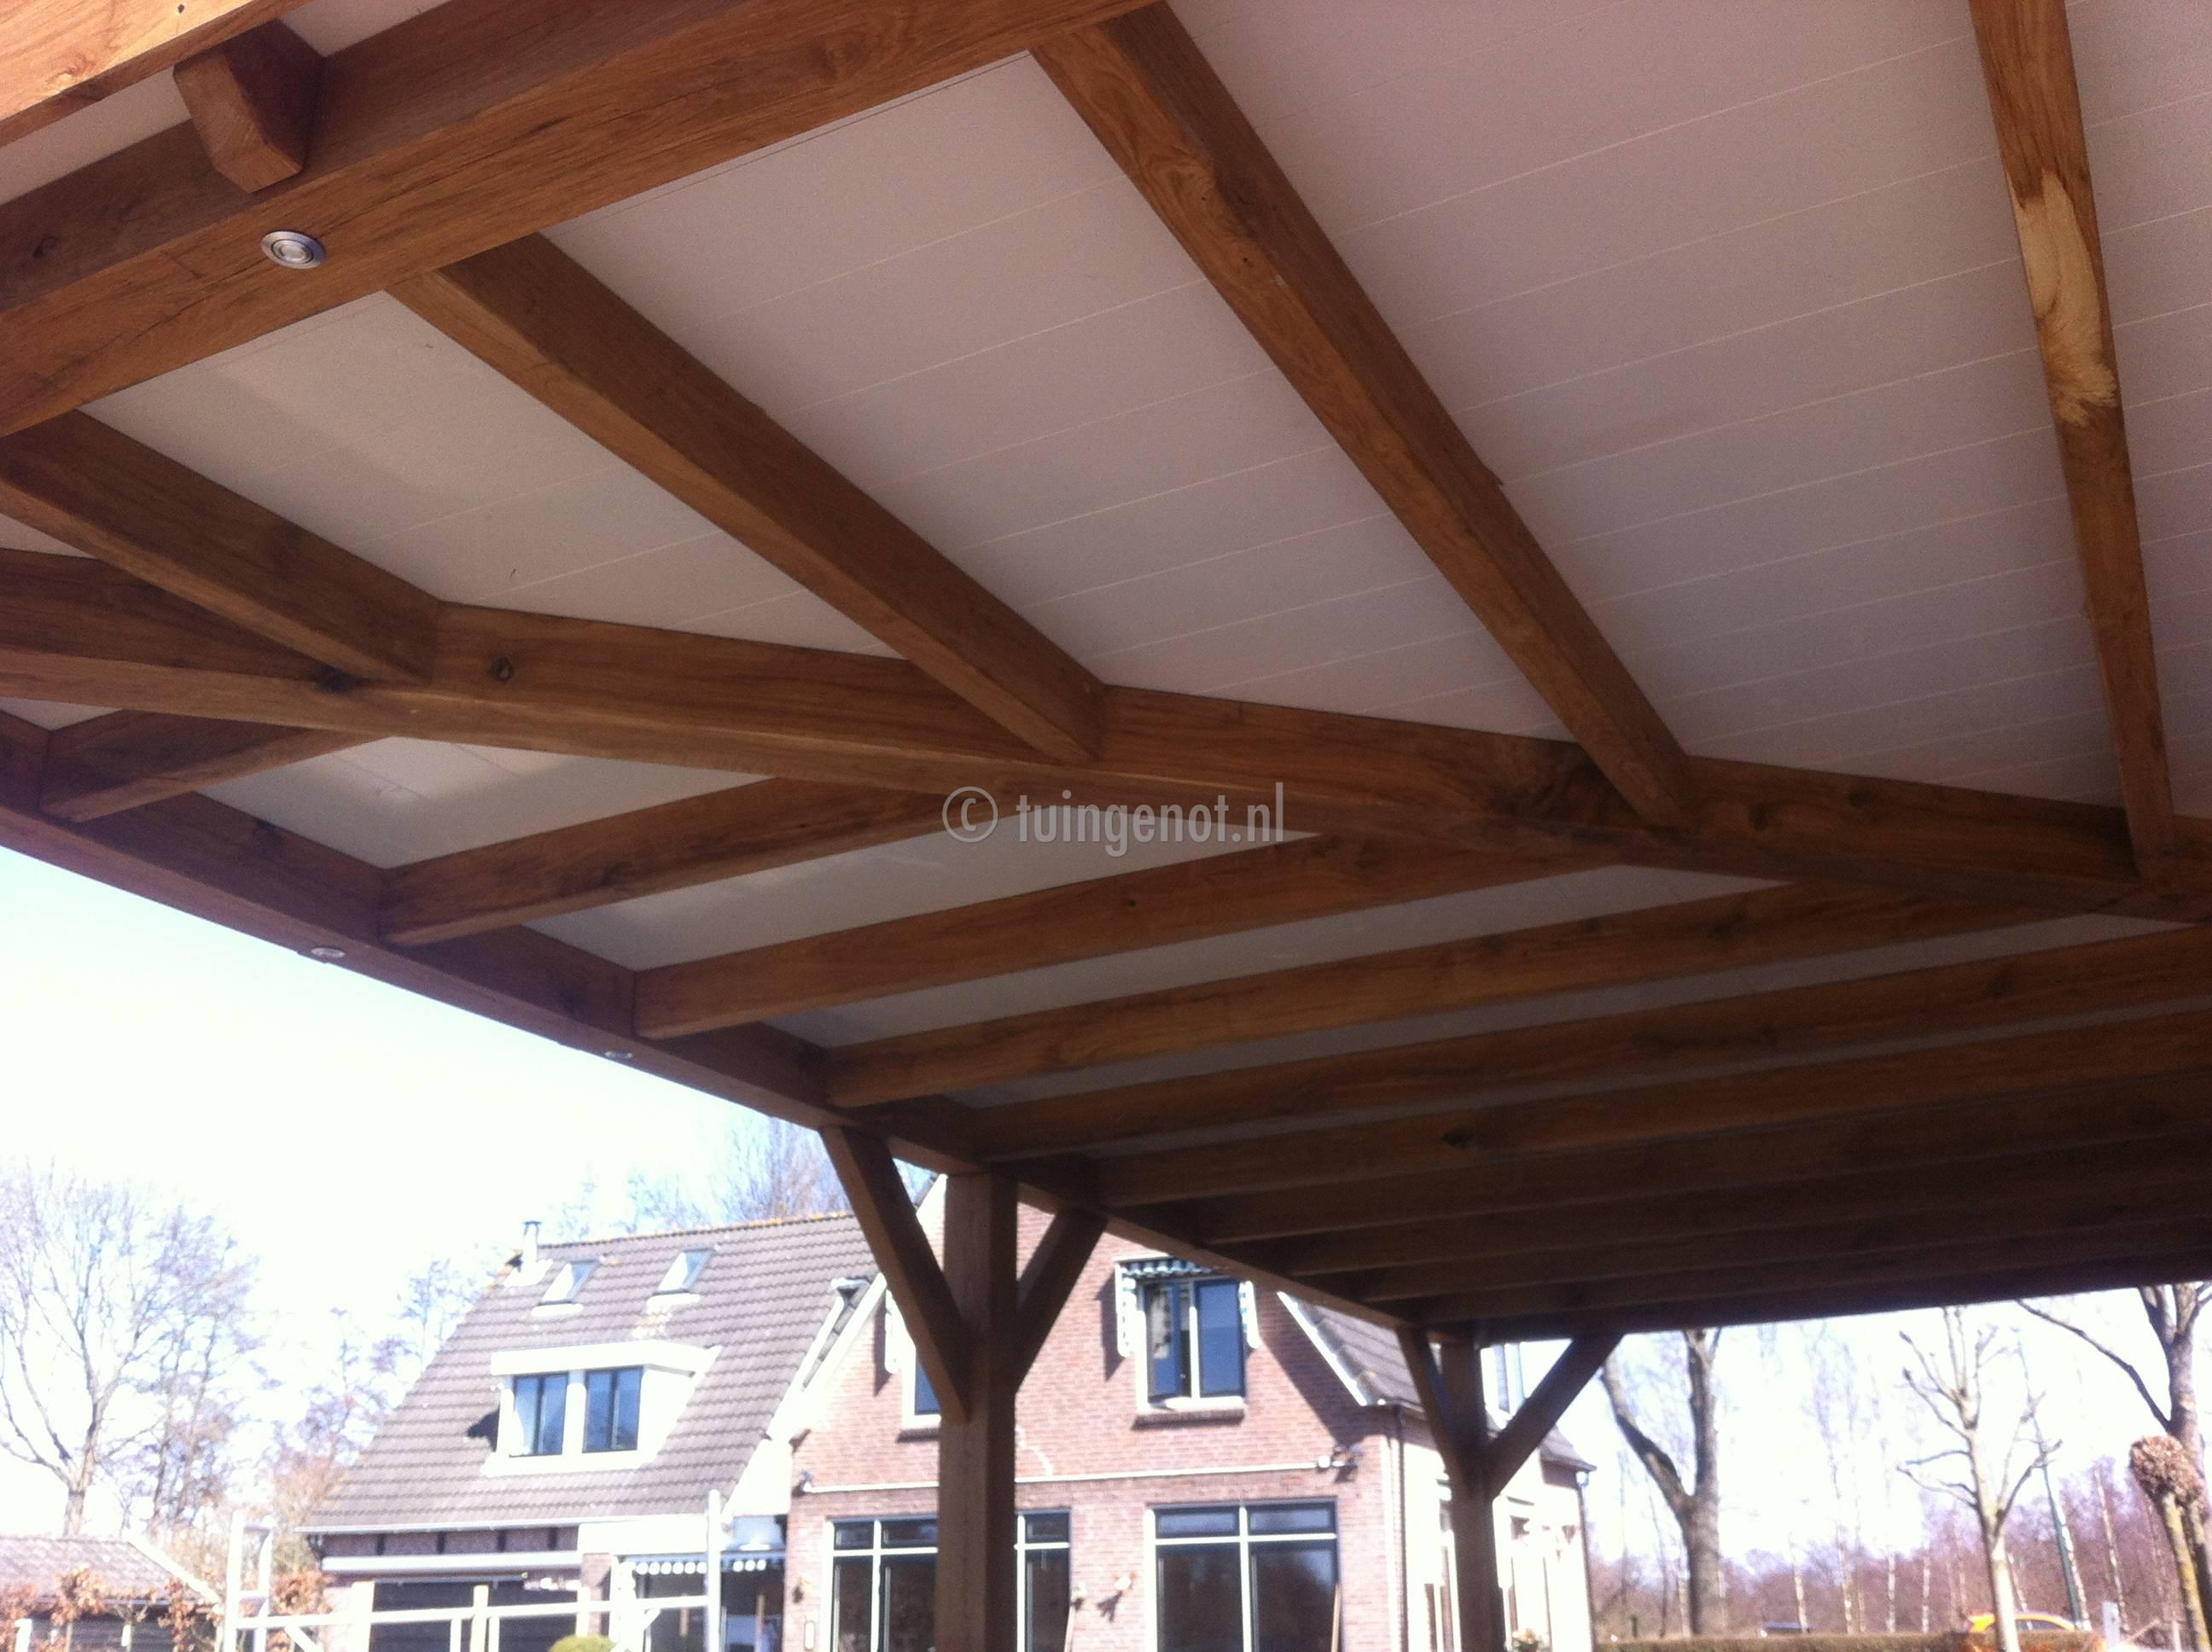 Tuingenot: 55. eikenhouten veranda met dichte en een open dak